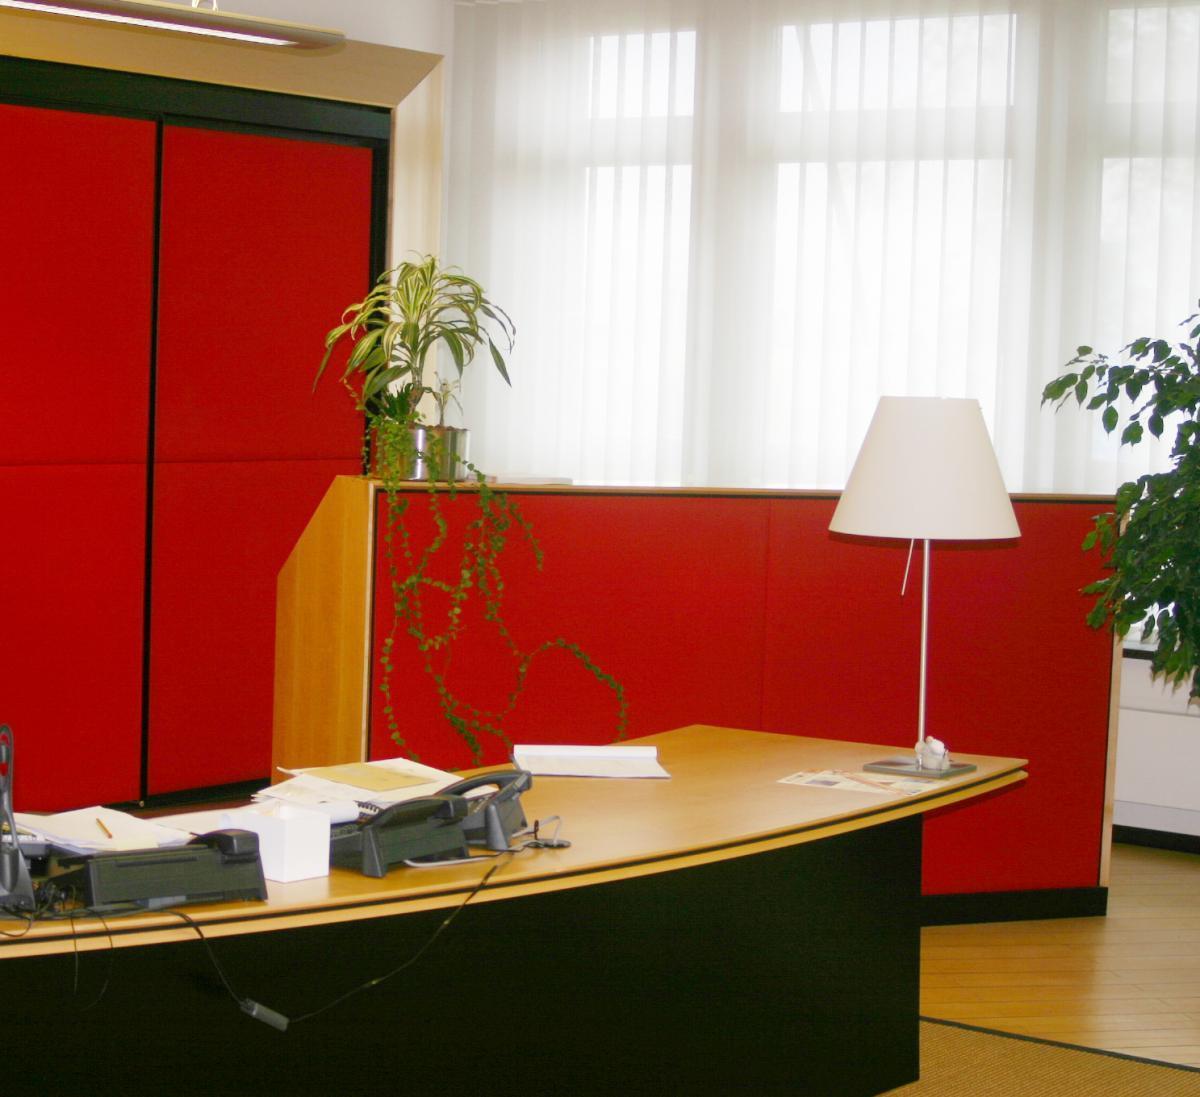 B rogeb ude frankfurter strasse neu isenburg andrea for Innenarchitektin frankfurt